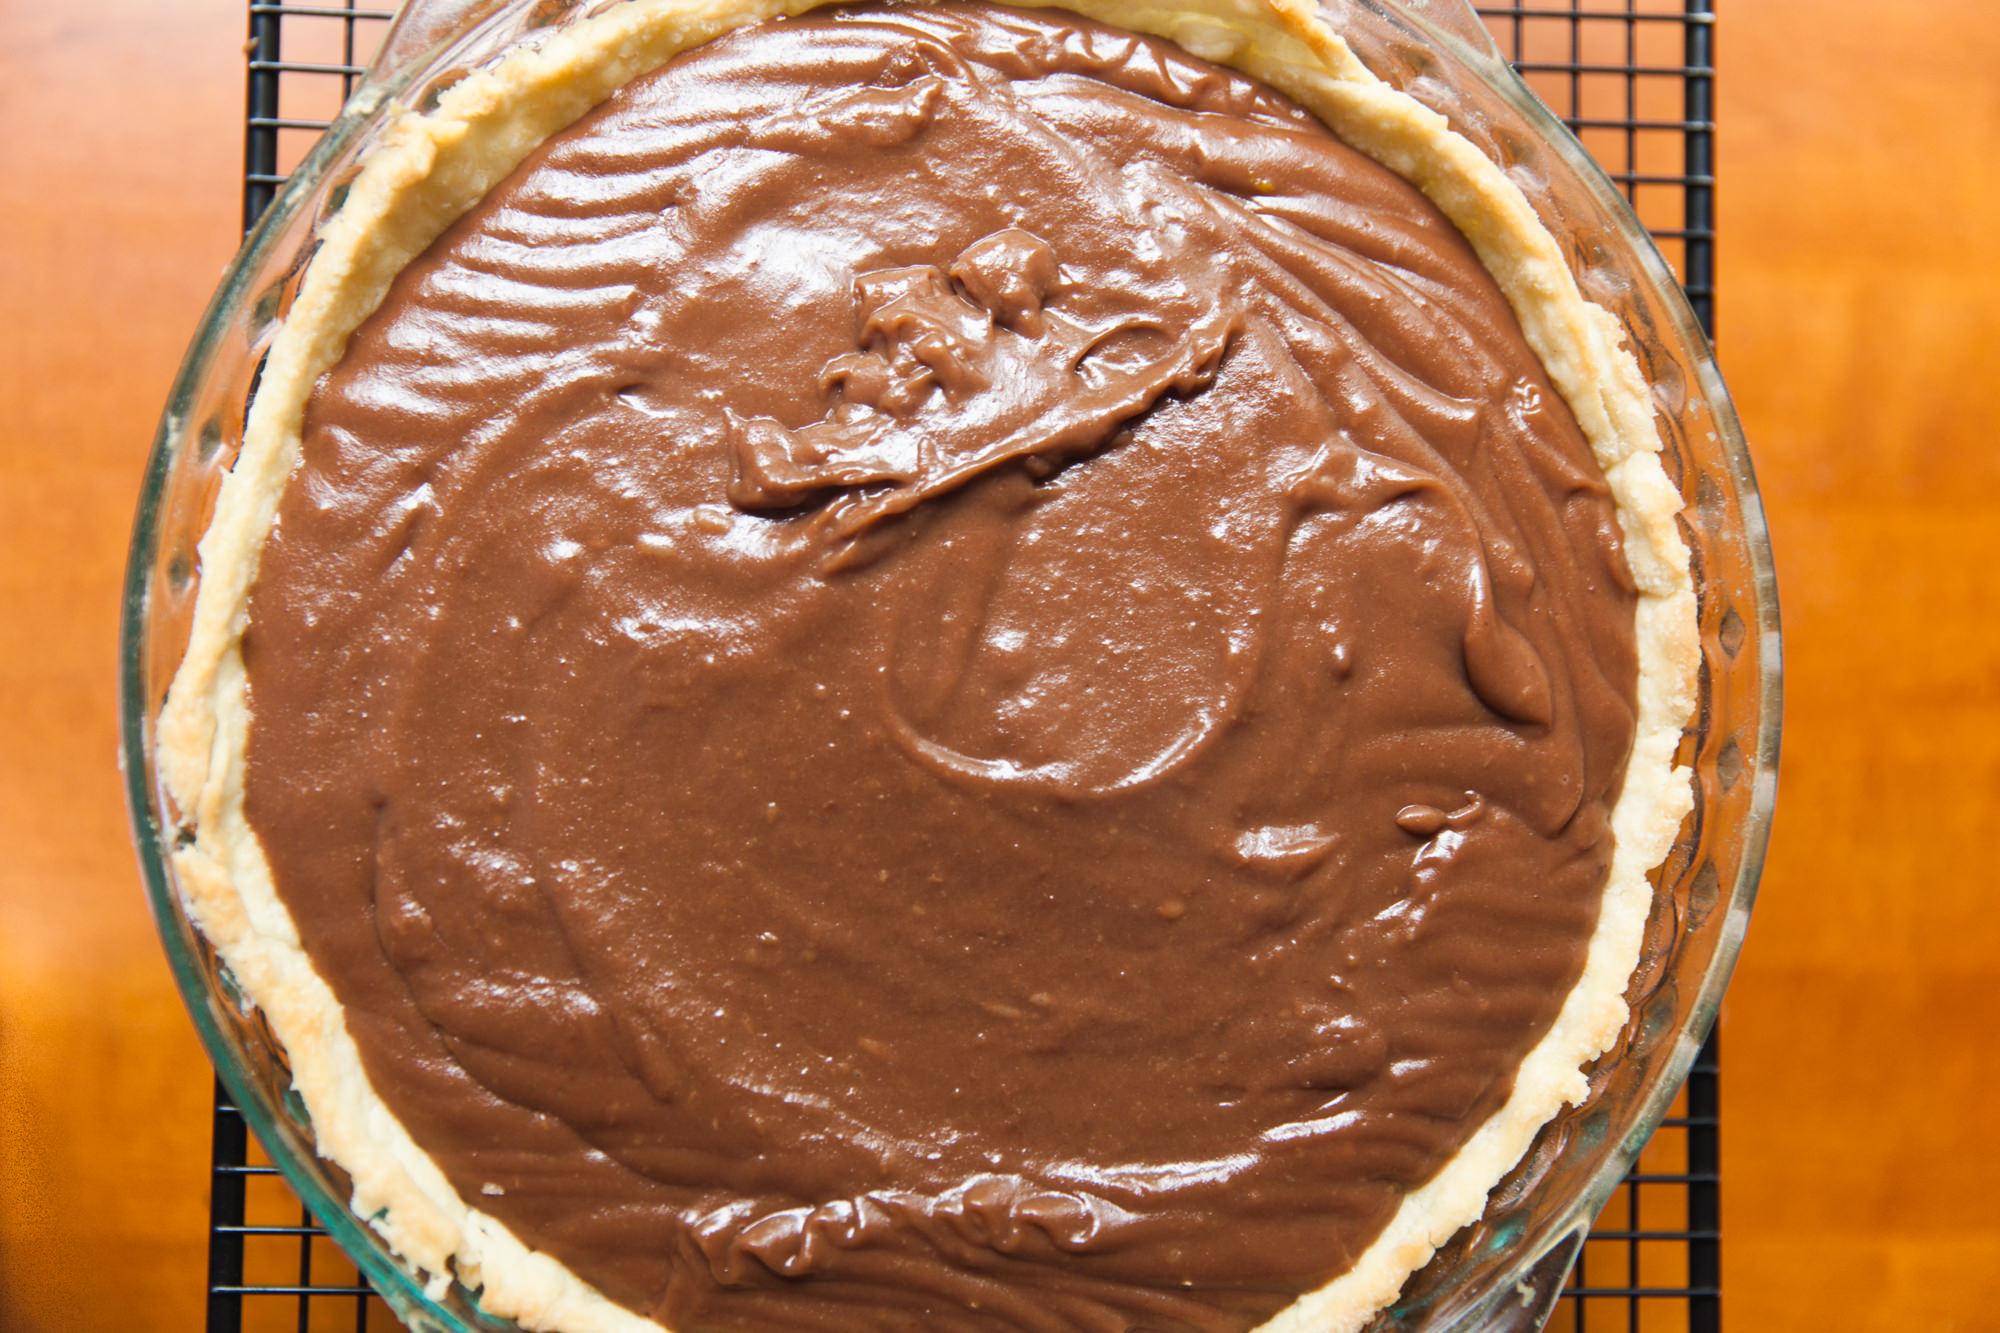 chocolate-pie-recipe-25.jpg